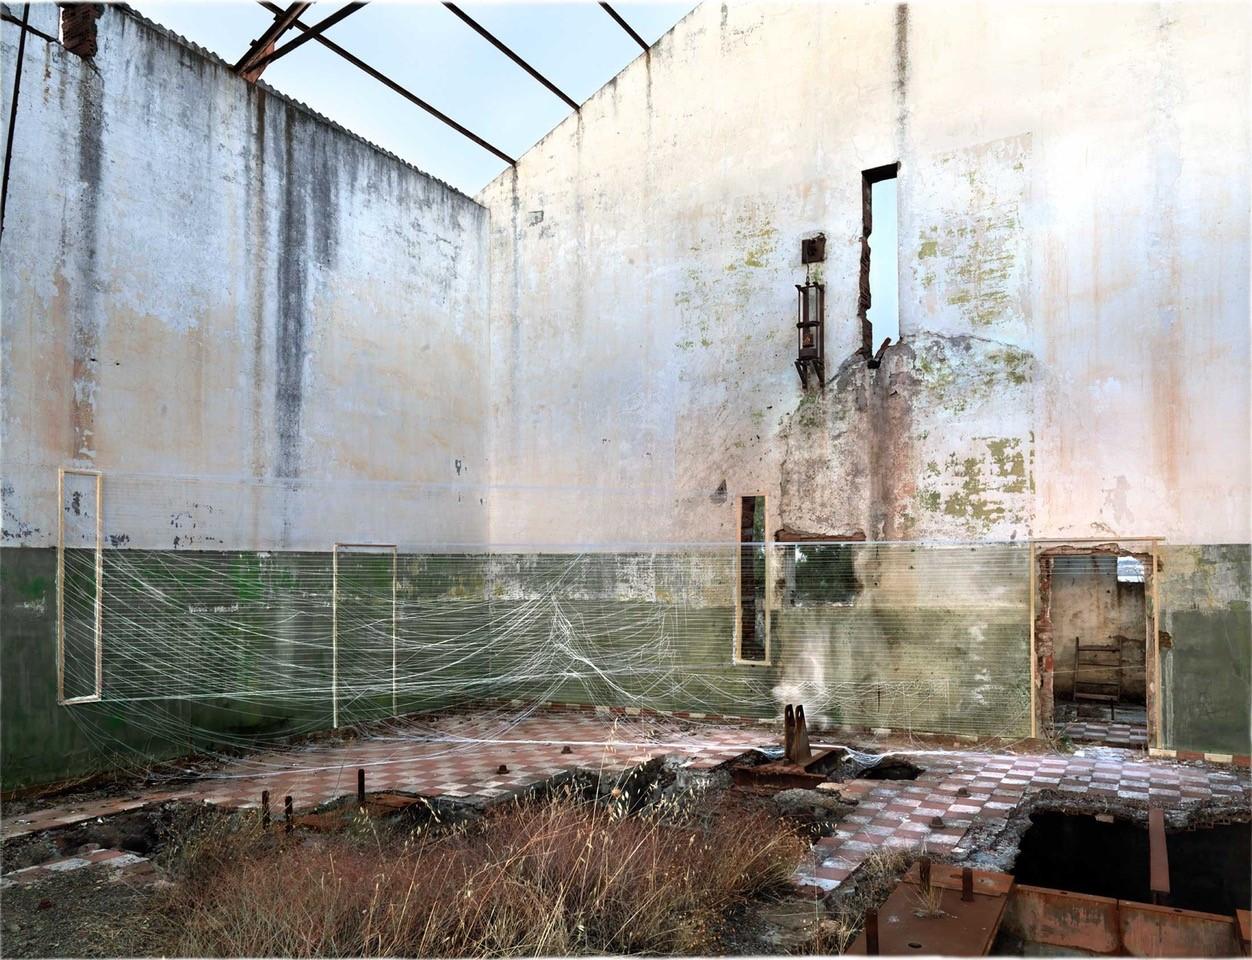 Destrucción de Proyecciones II, 2009/2021 © Linarejos Moreno